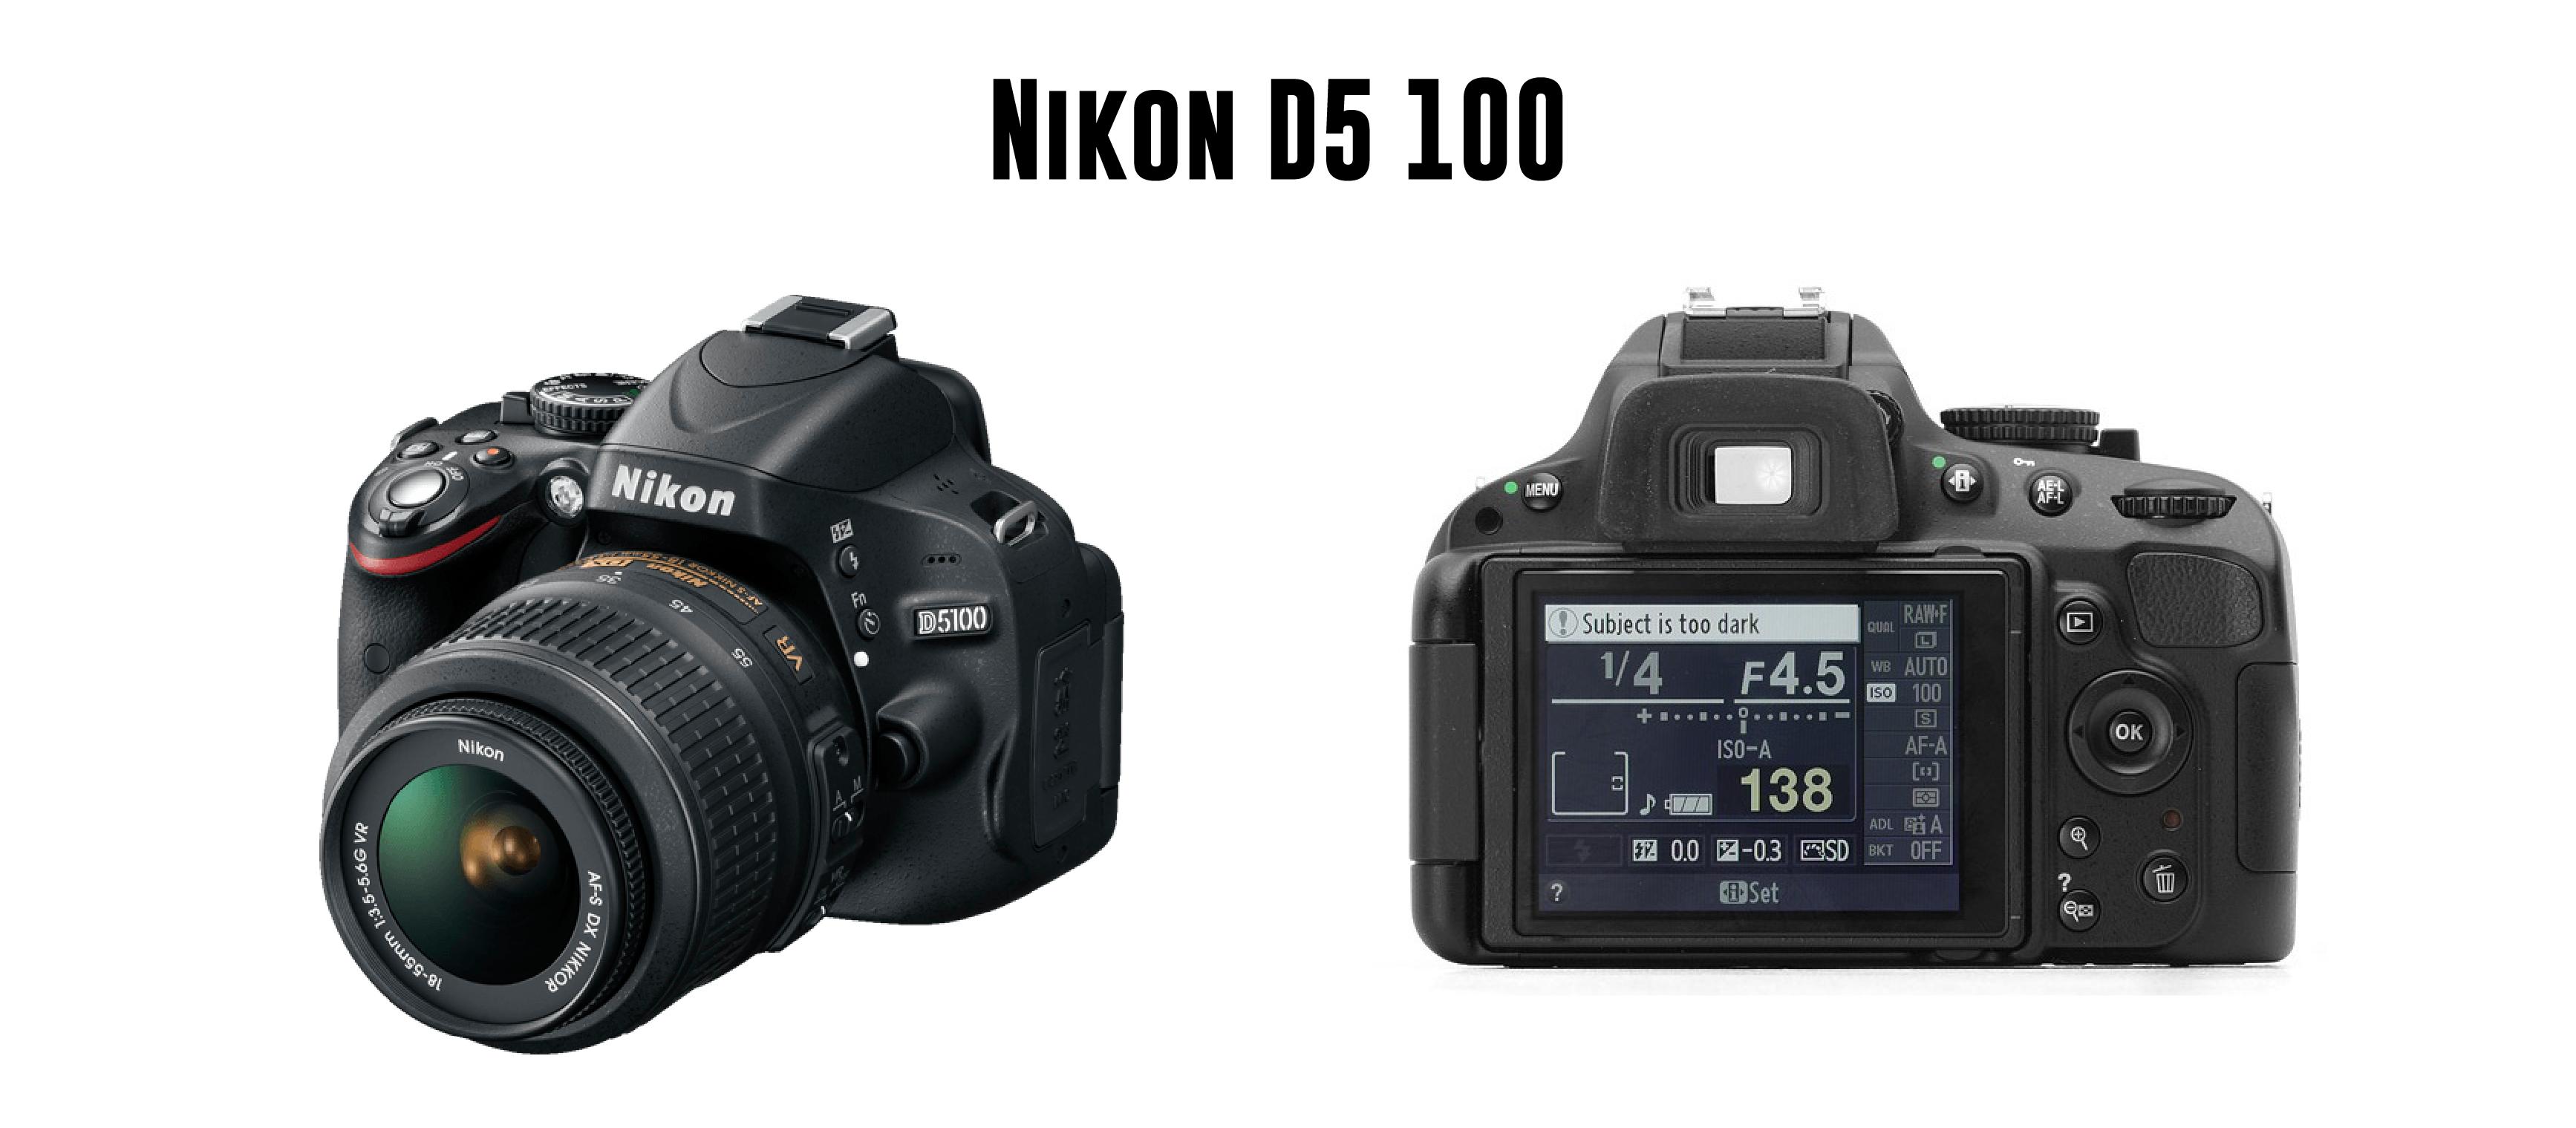 montagem-nikon-d5-100